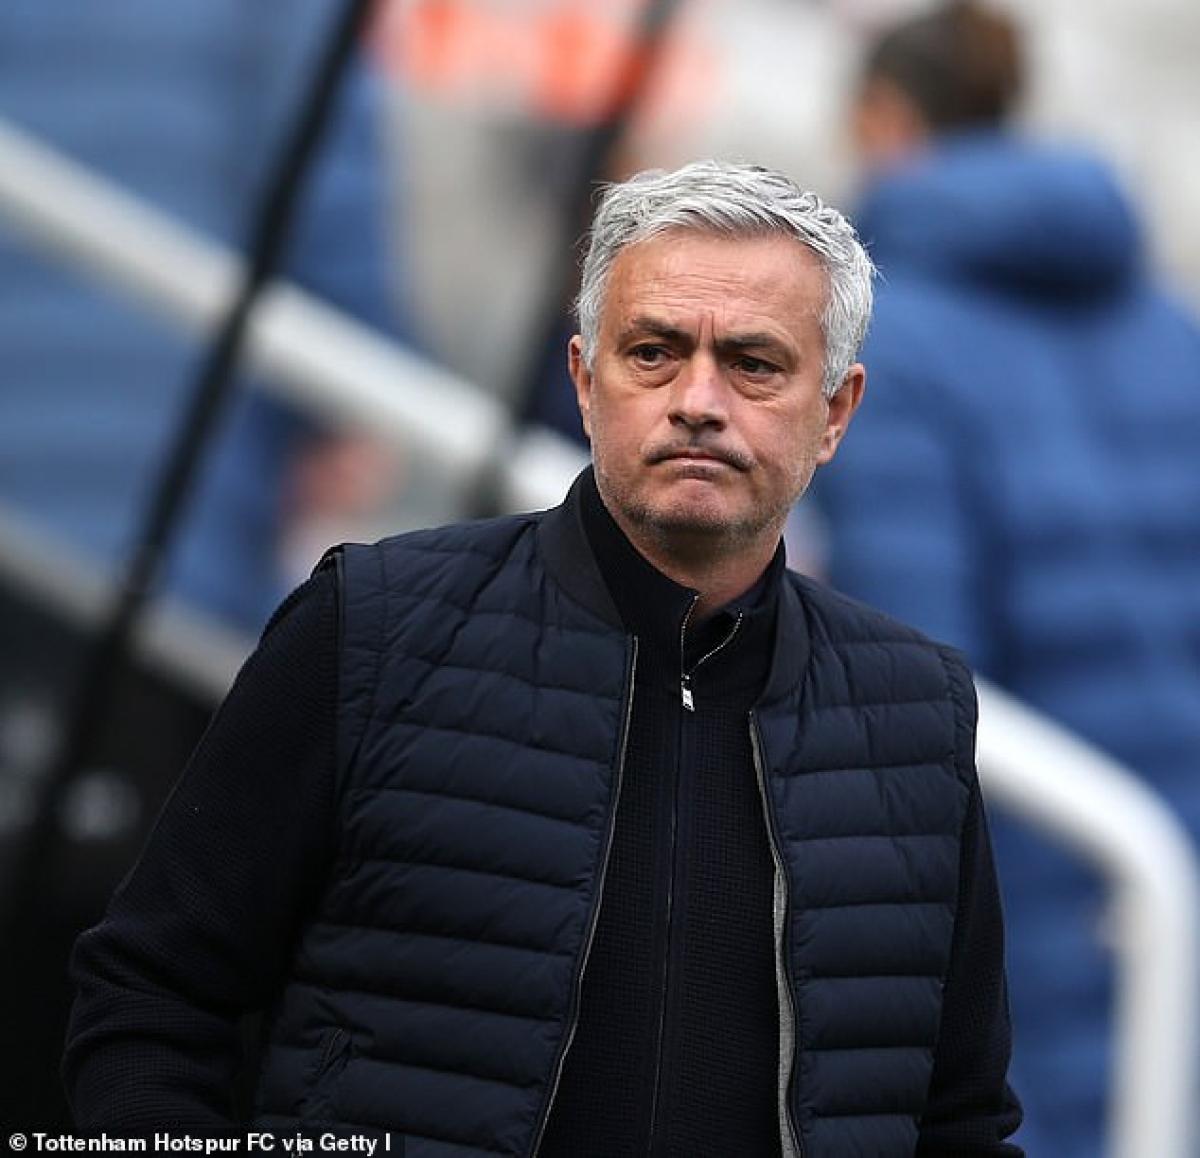 6. Jose Mourinho (Tottenham)